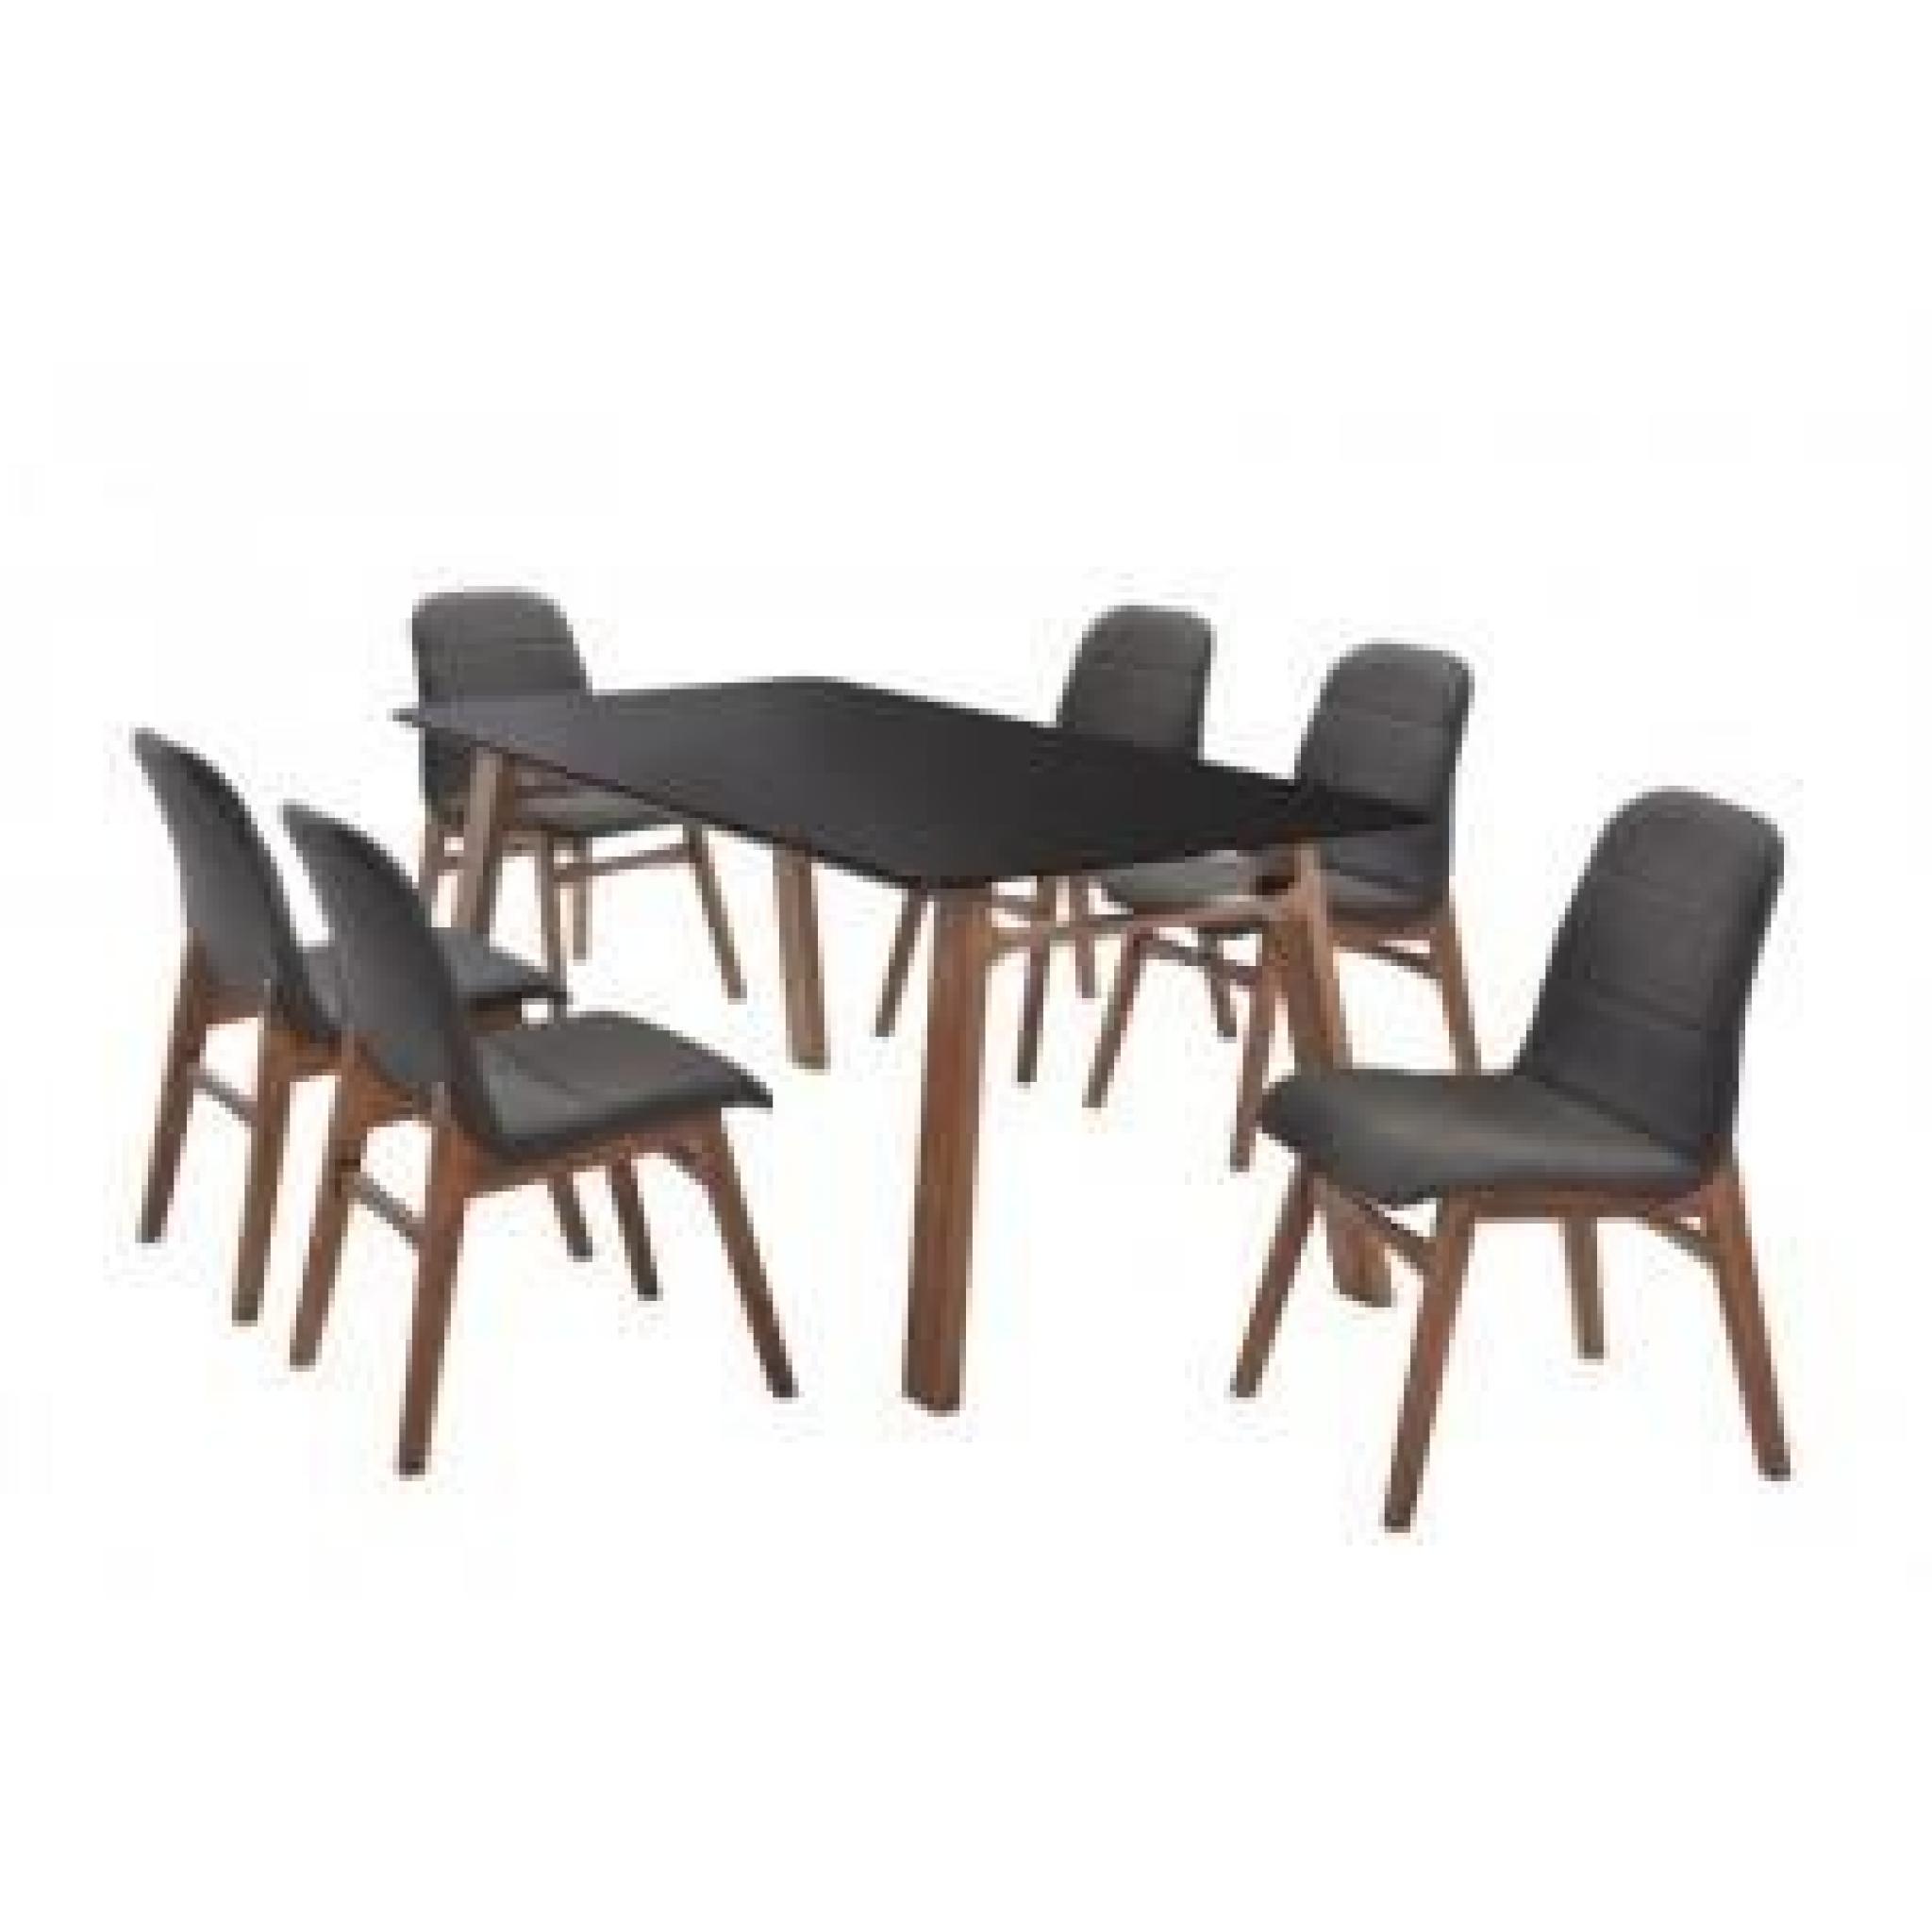 Table de repas jenja noir paris prix achat vente for Table salle a manger design paris